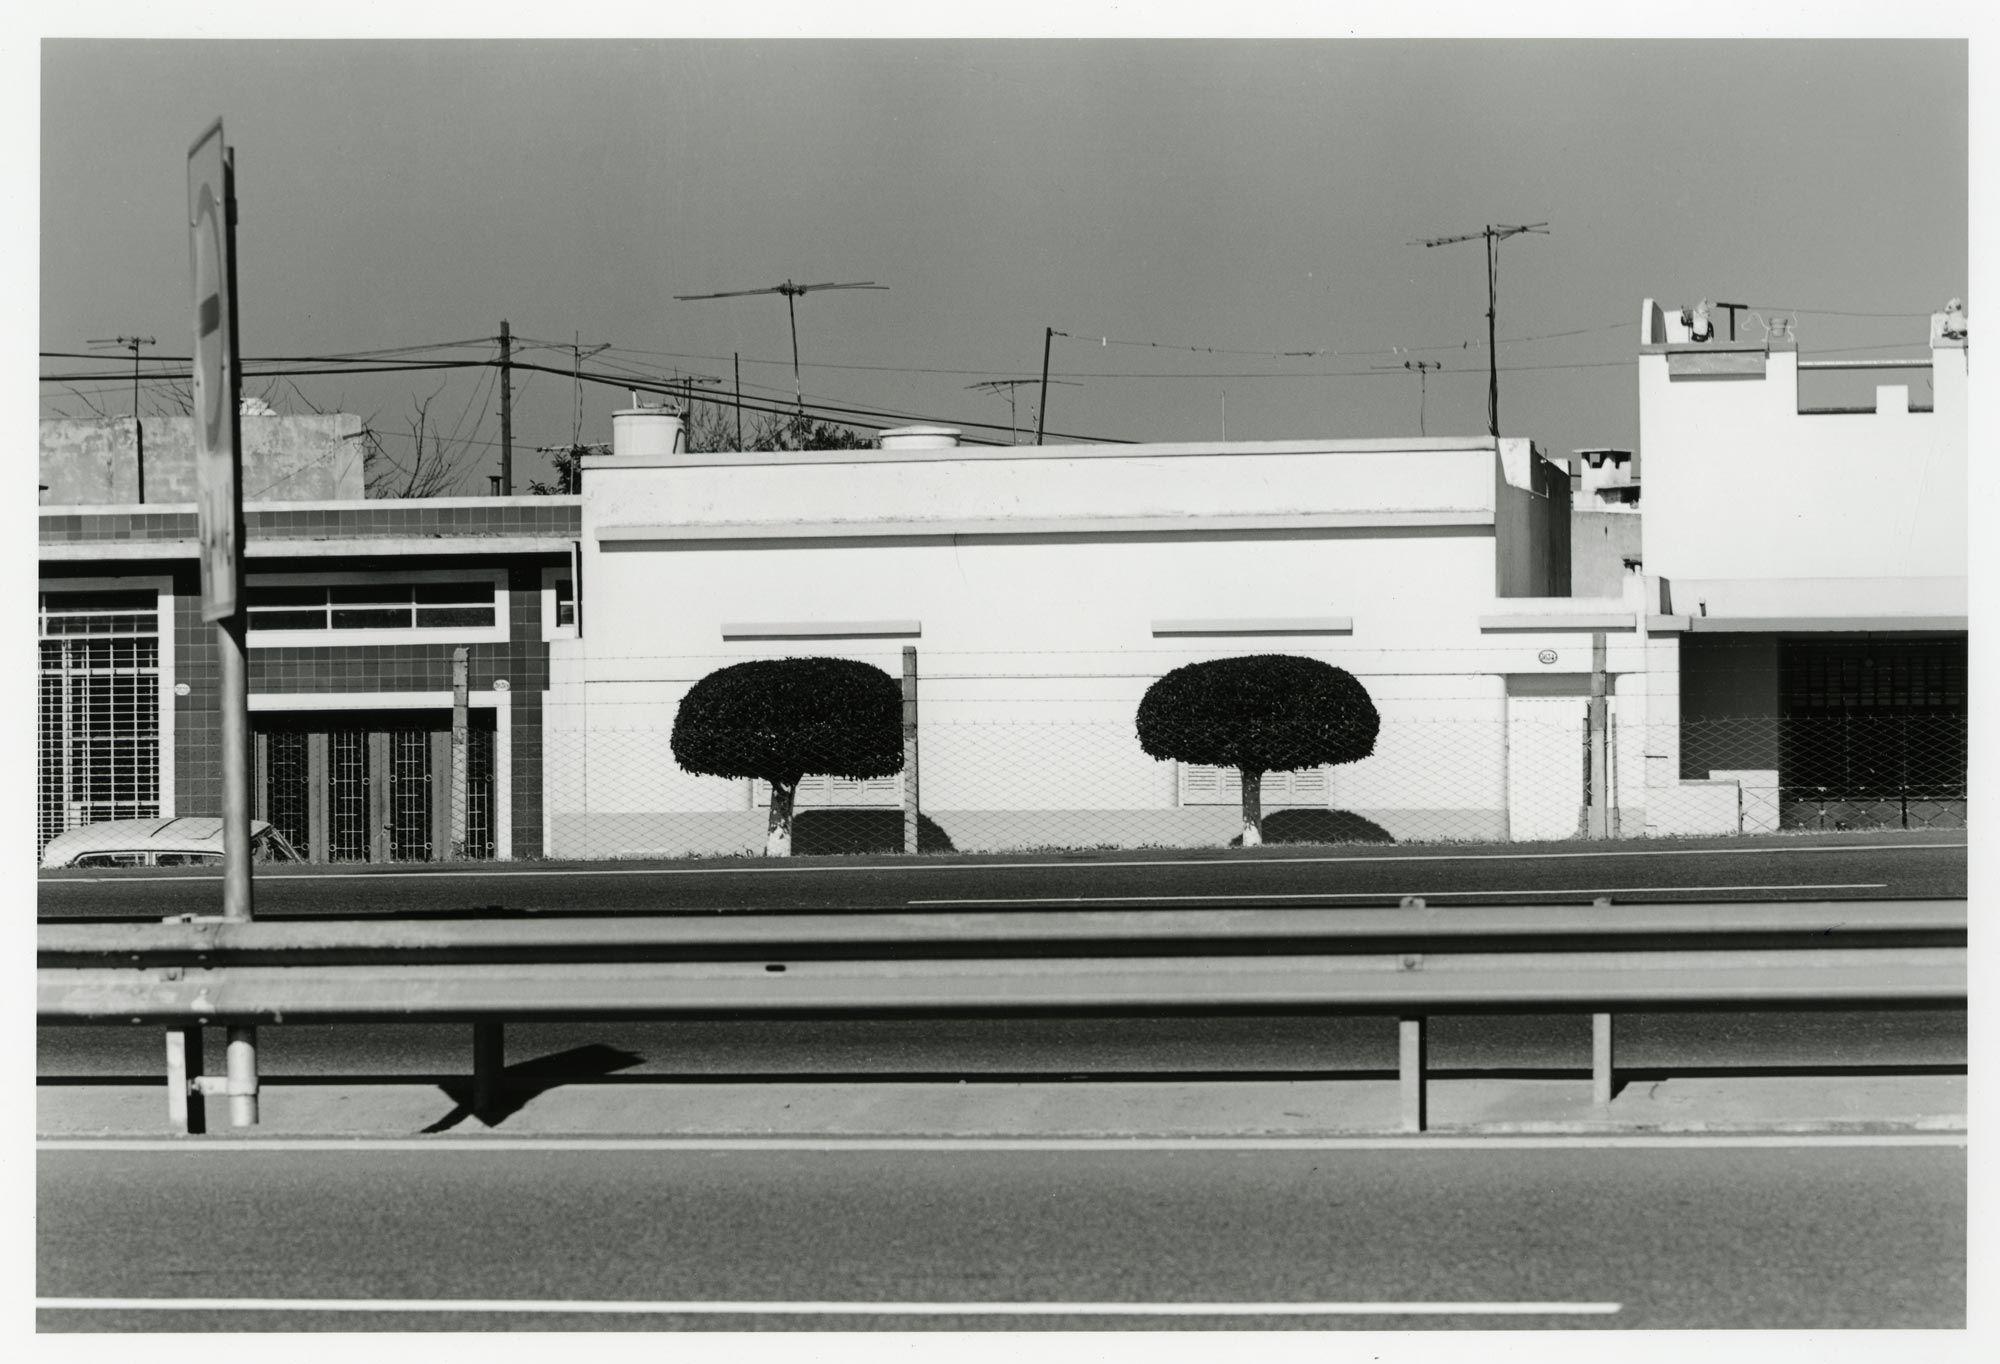 Casita en la autopista, Liniers, 1984